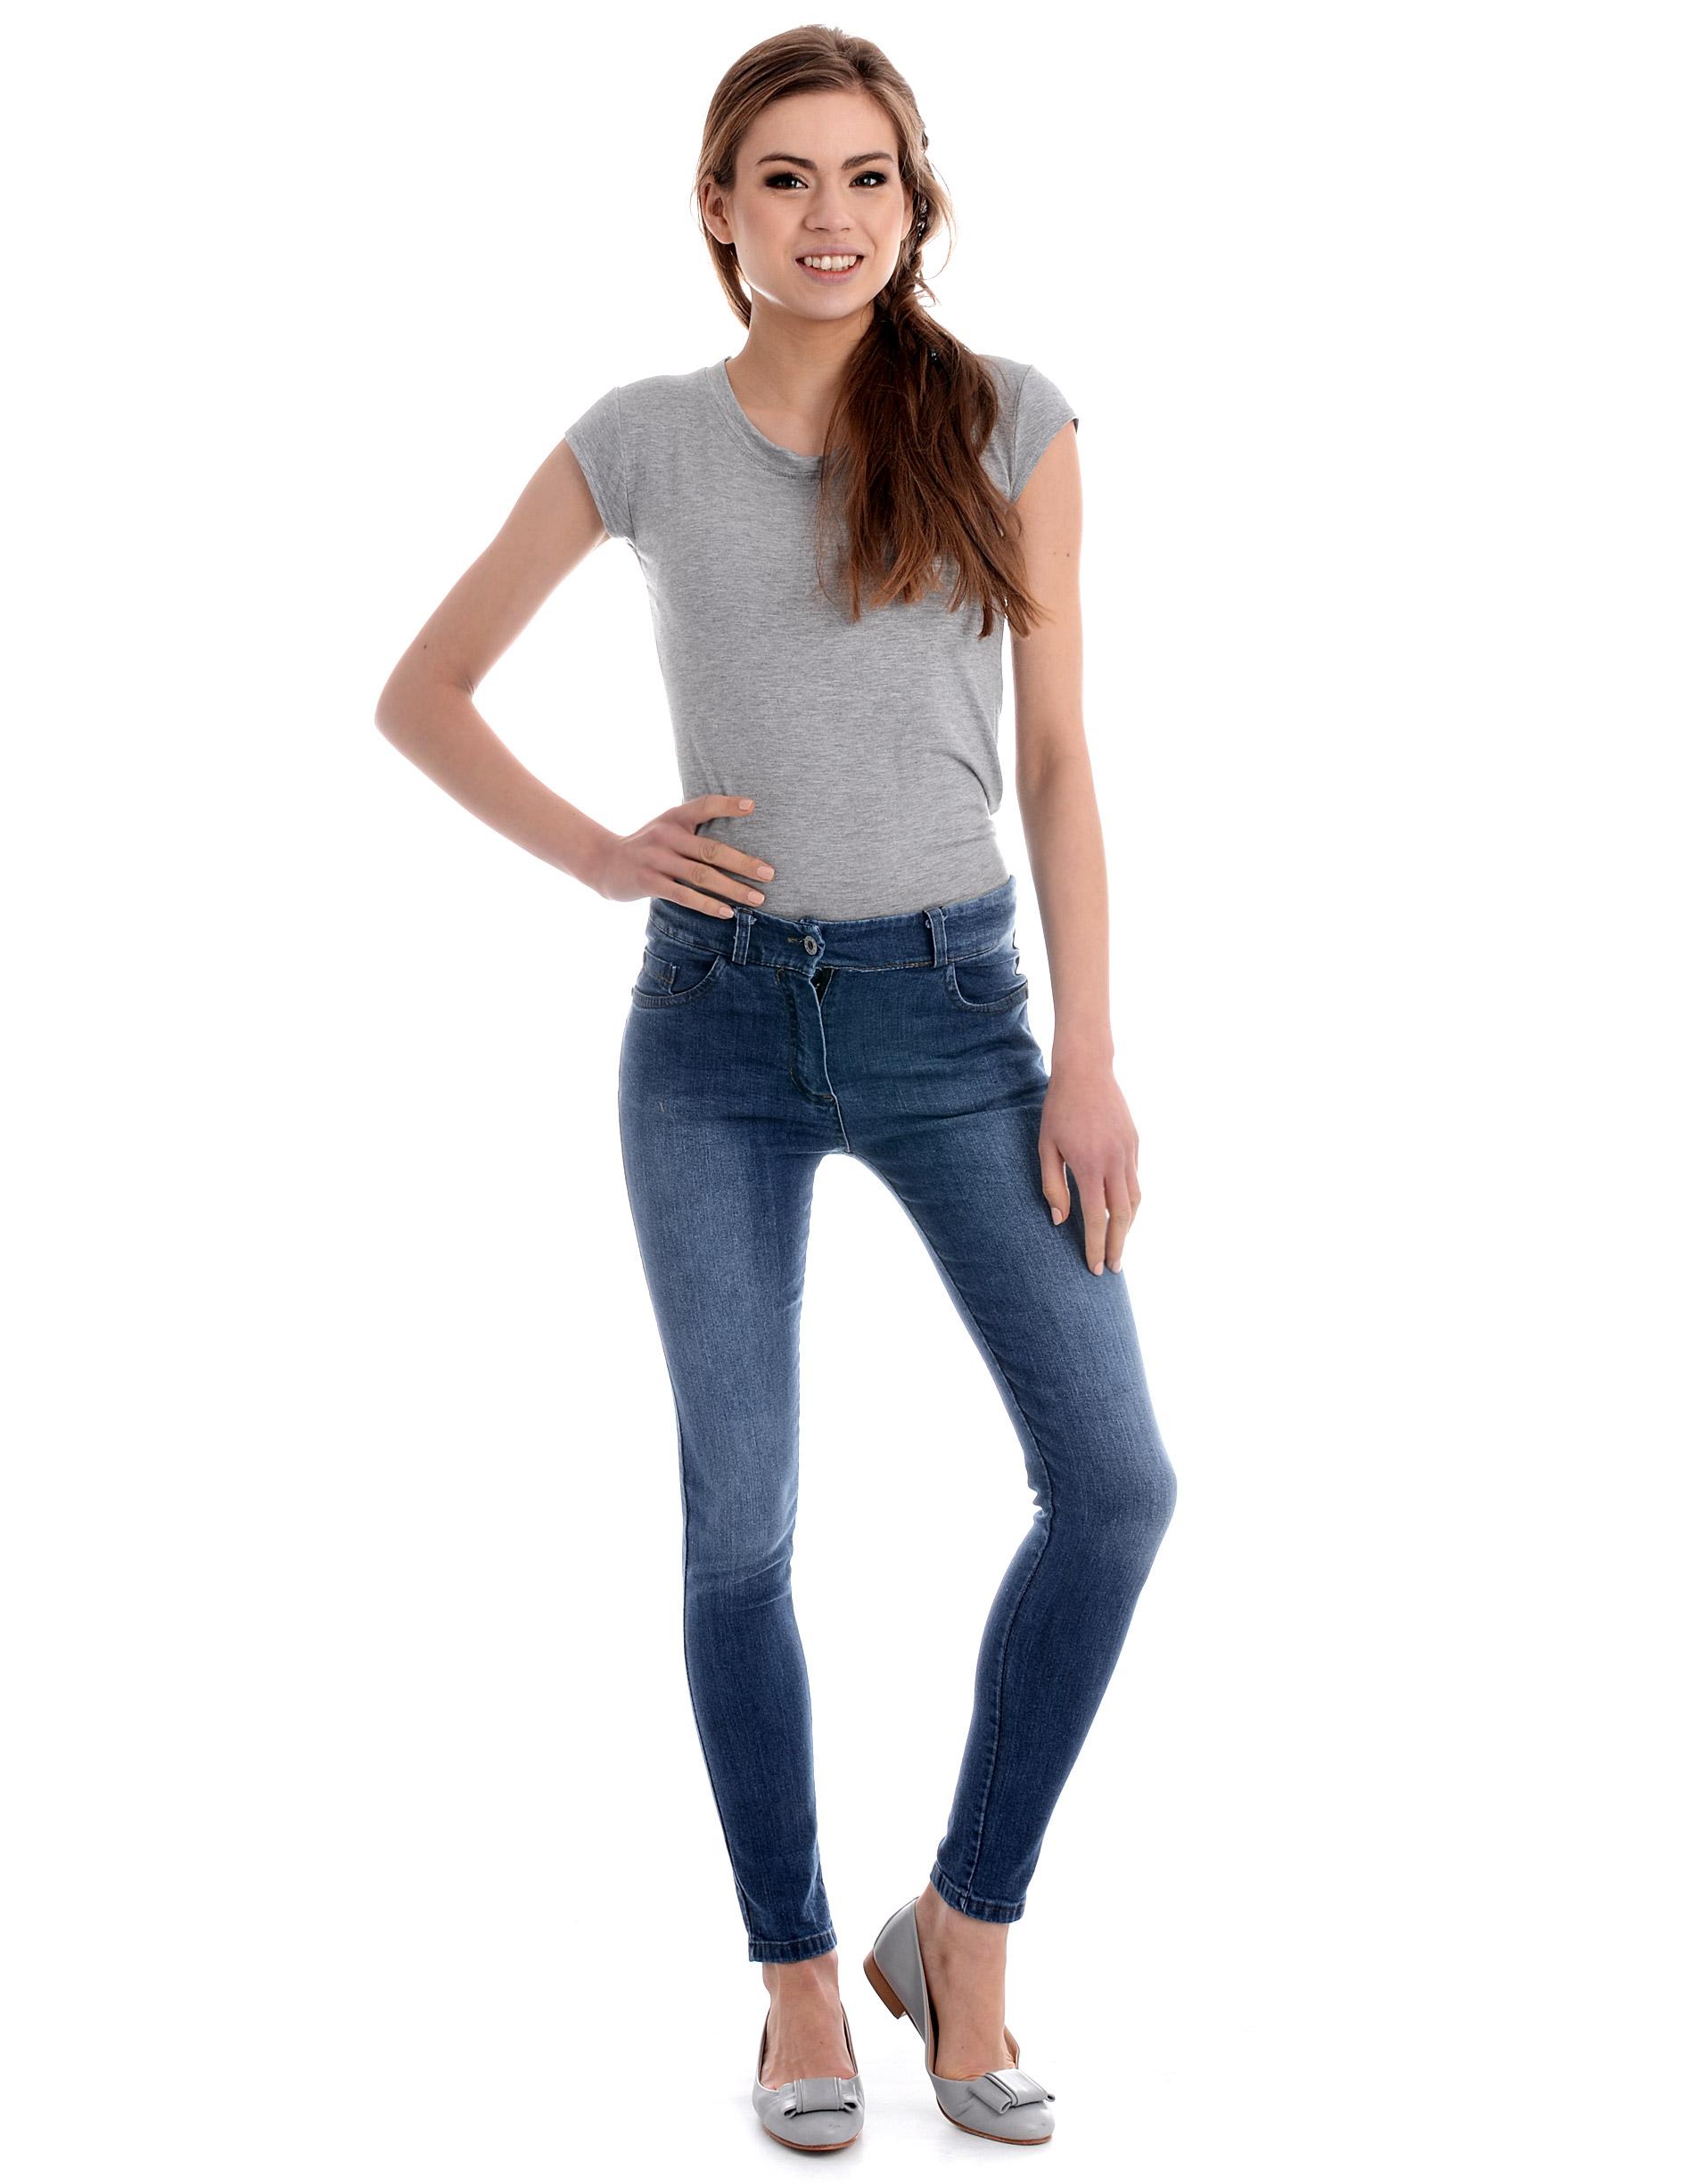 Spodnie - 54-5205 JEANS - Unisono